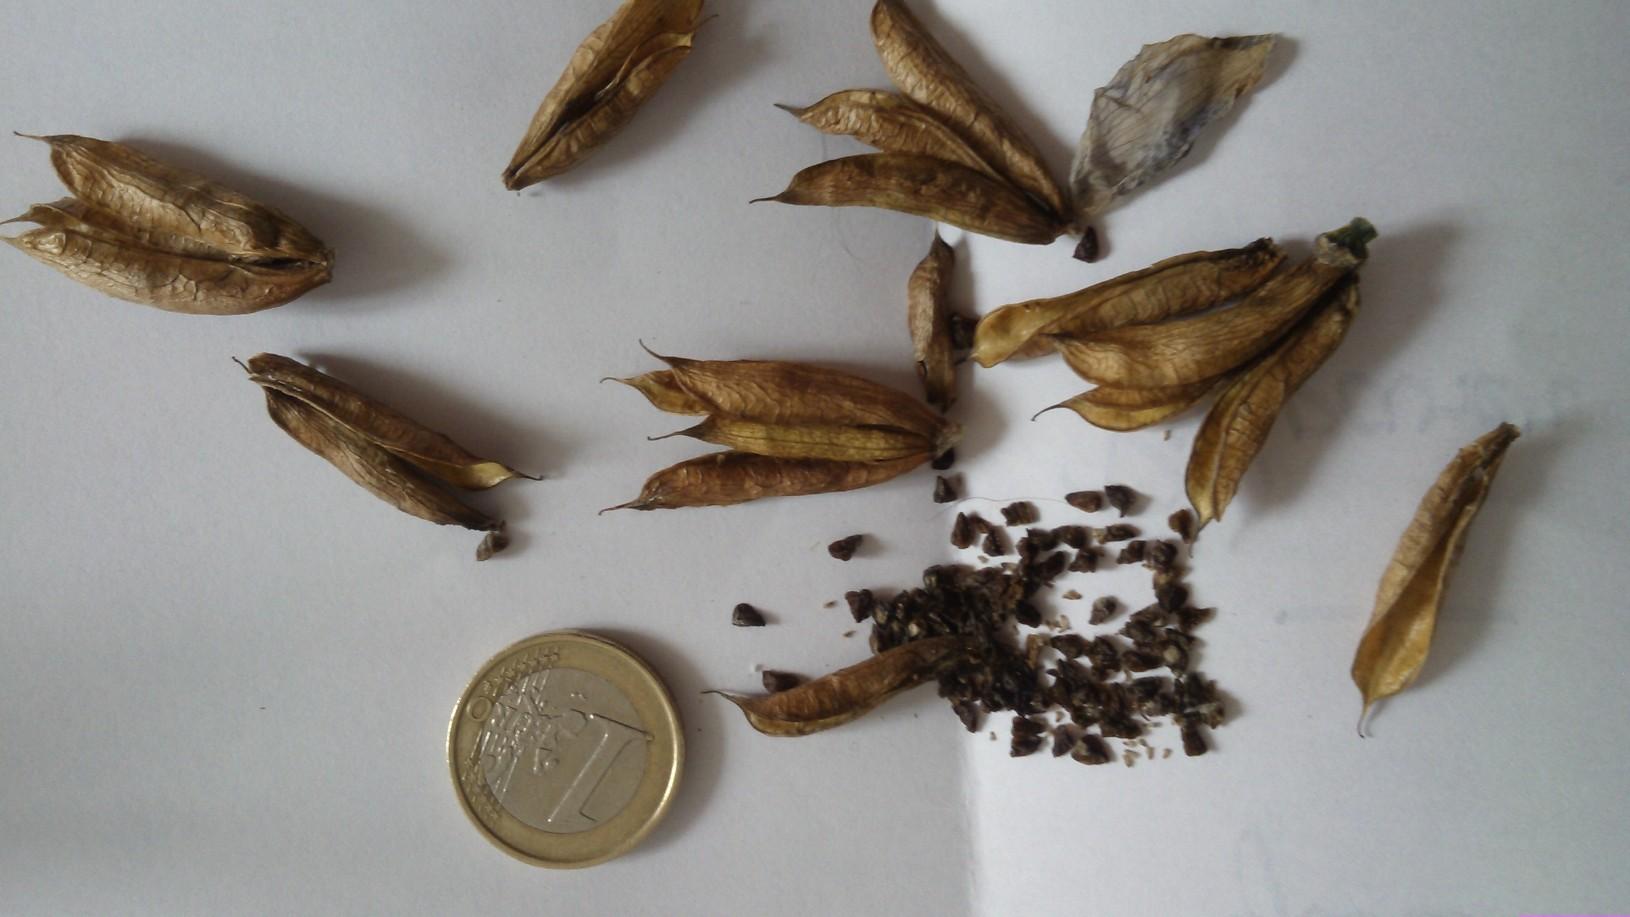 Les petites belge je baise au 1er j encule au 2eme et au 3eme de pierre moro anastasia kassnana - 2 2